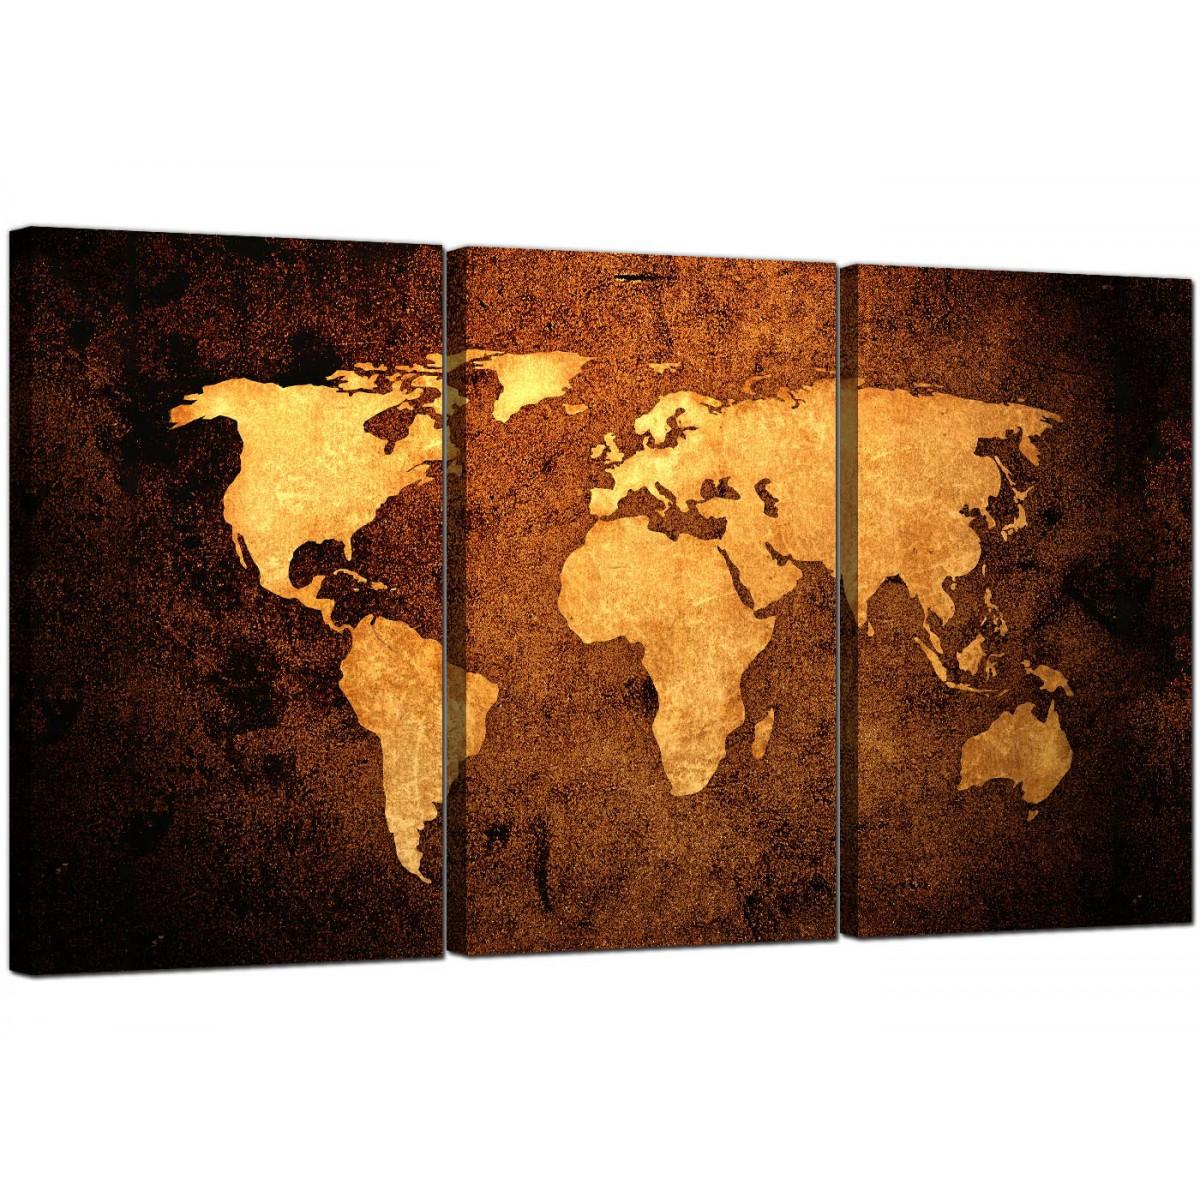 vintage world map canvas wall art set of 3 for your bedroom. Black Bedroom Furniture Sets. Home Design Ideas